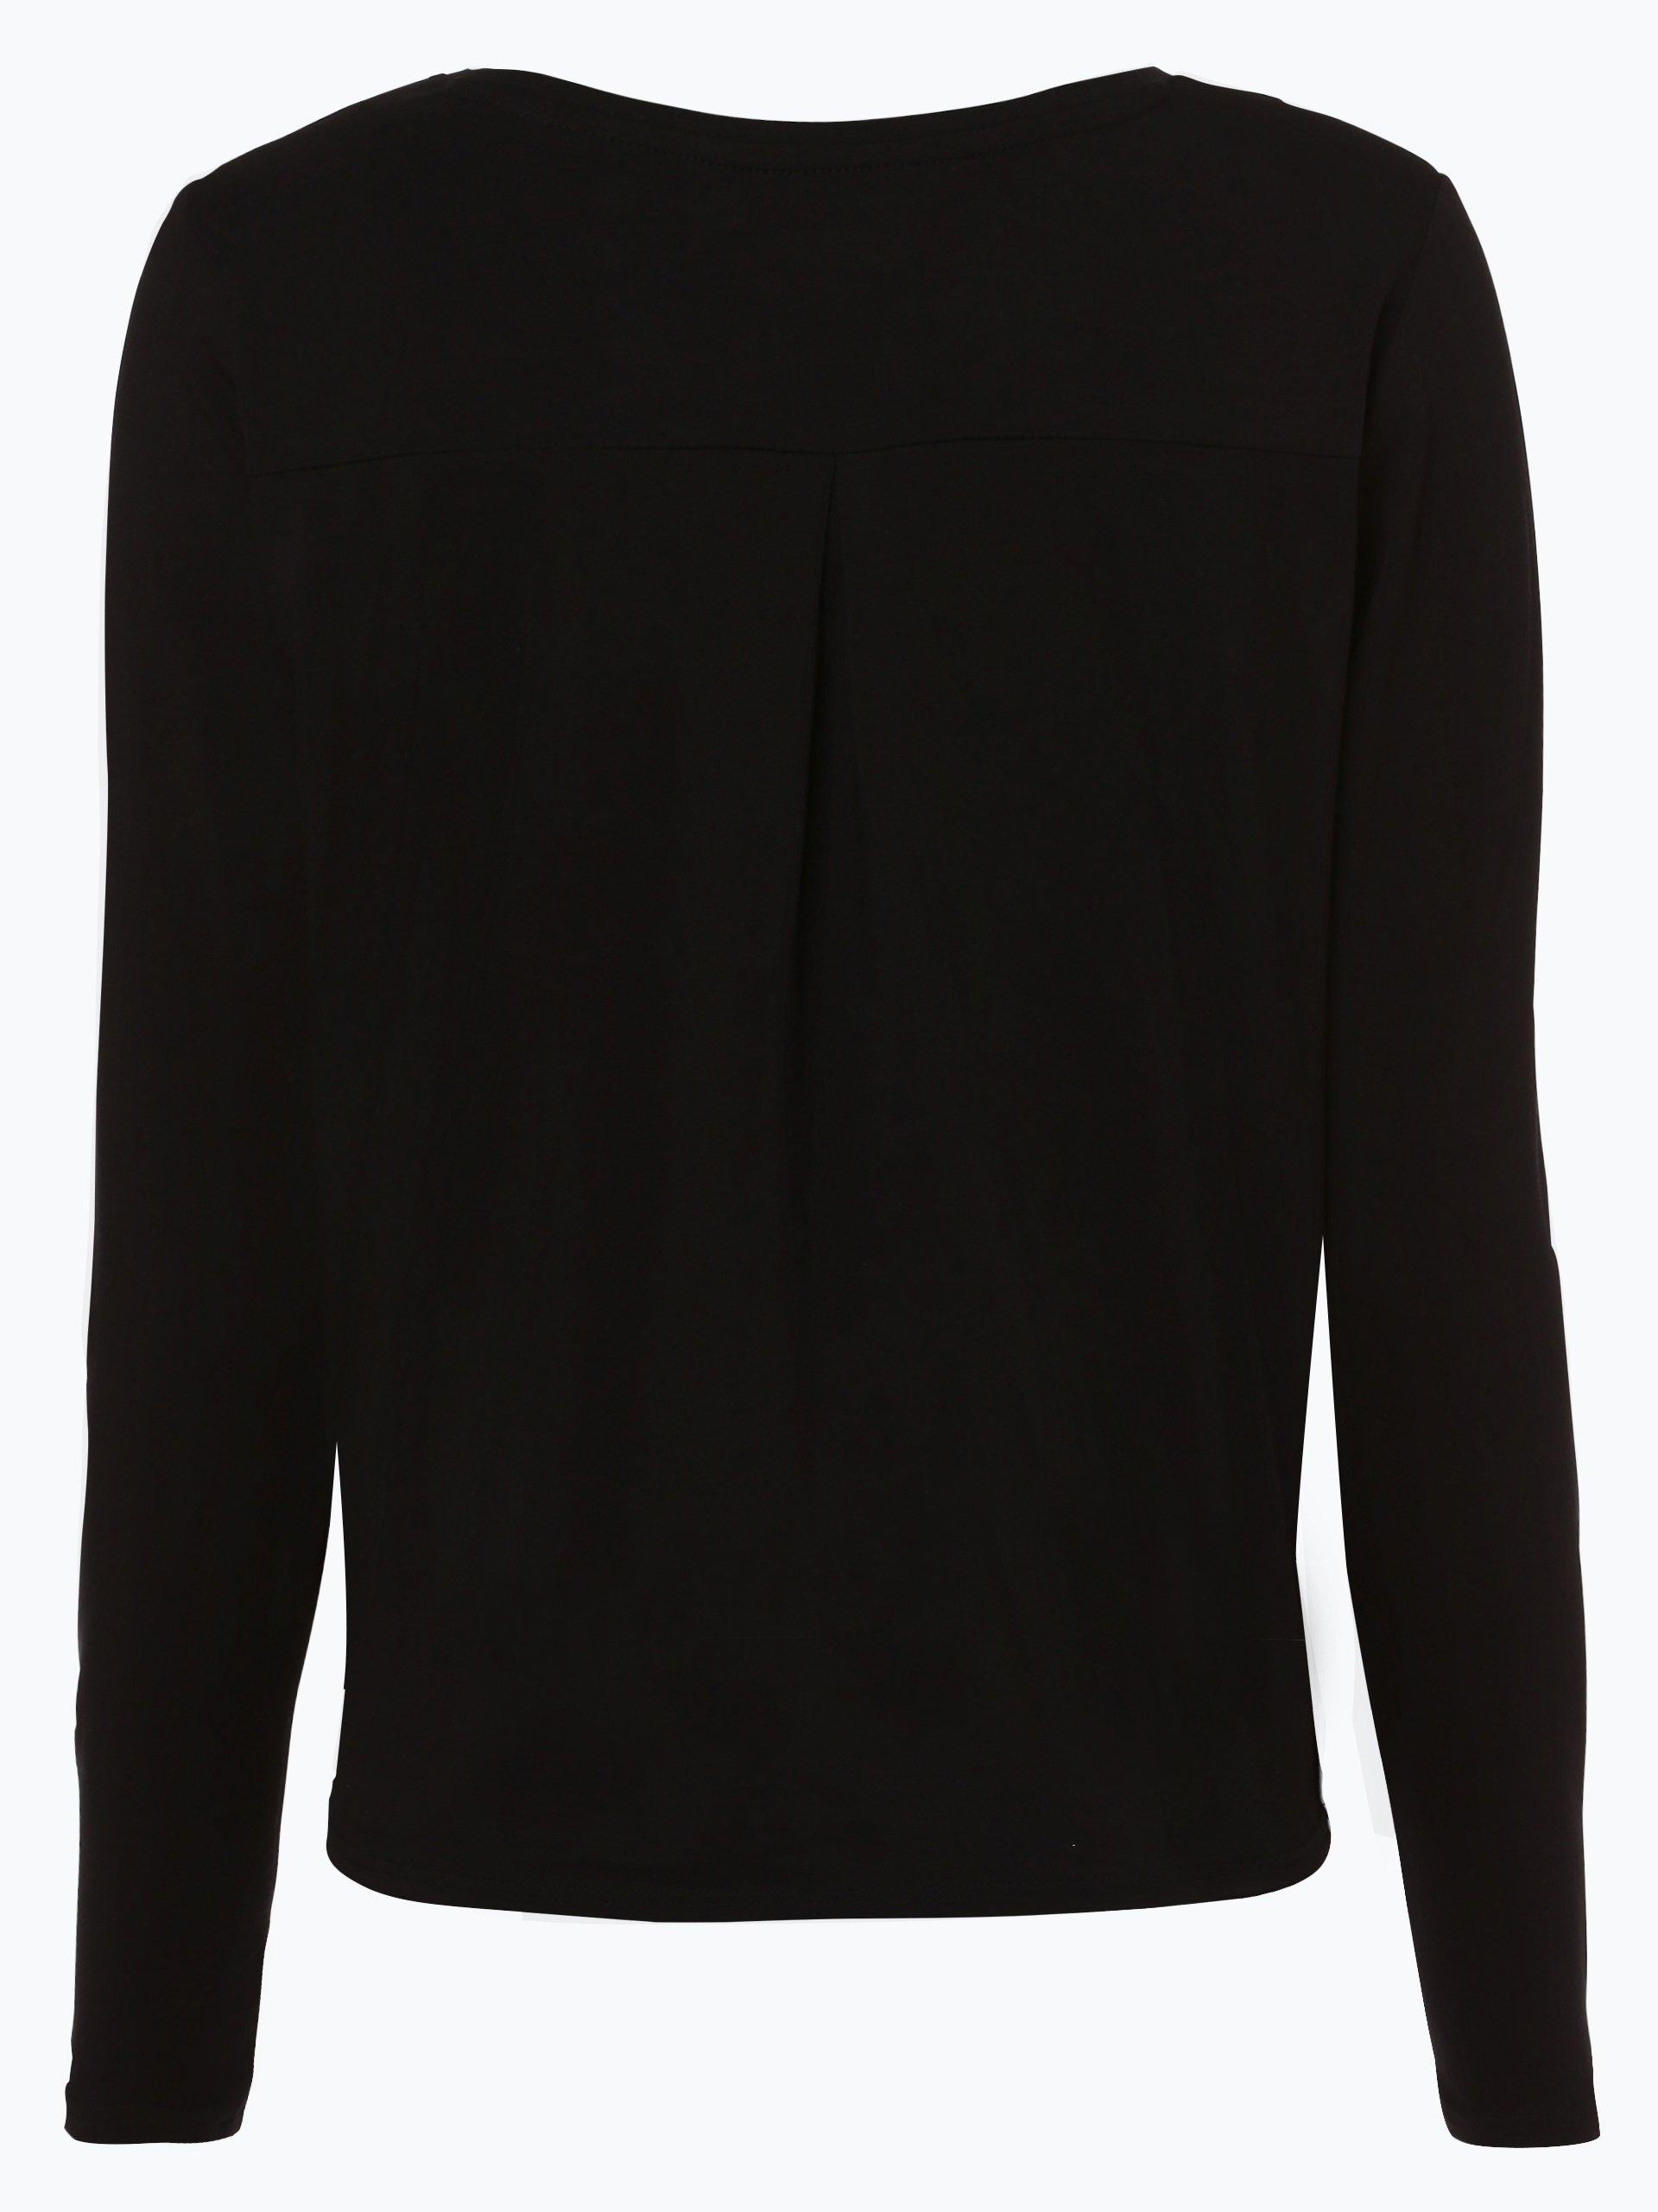 Marie Lund Sport Damska koszulka z długim rękawem